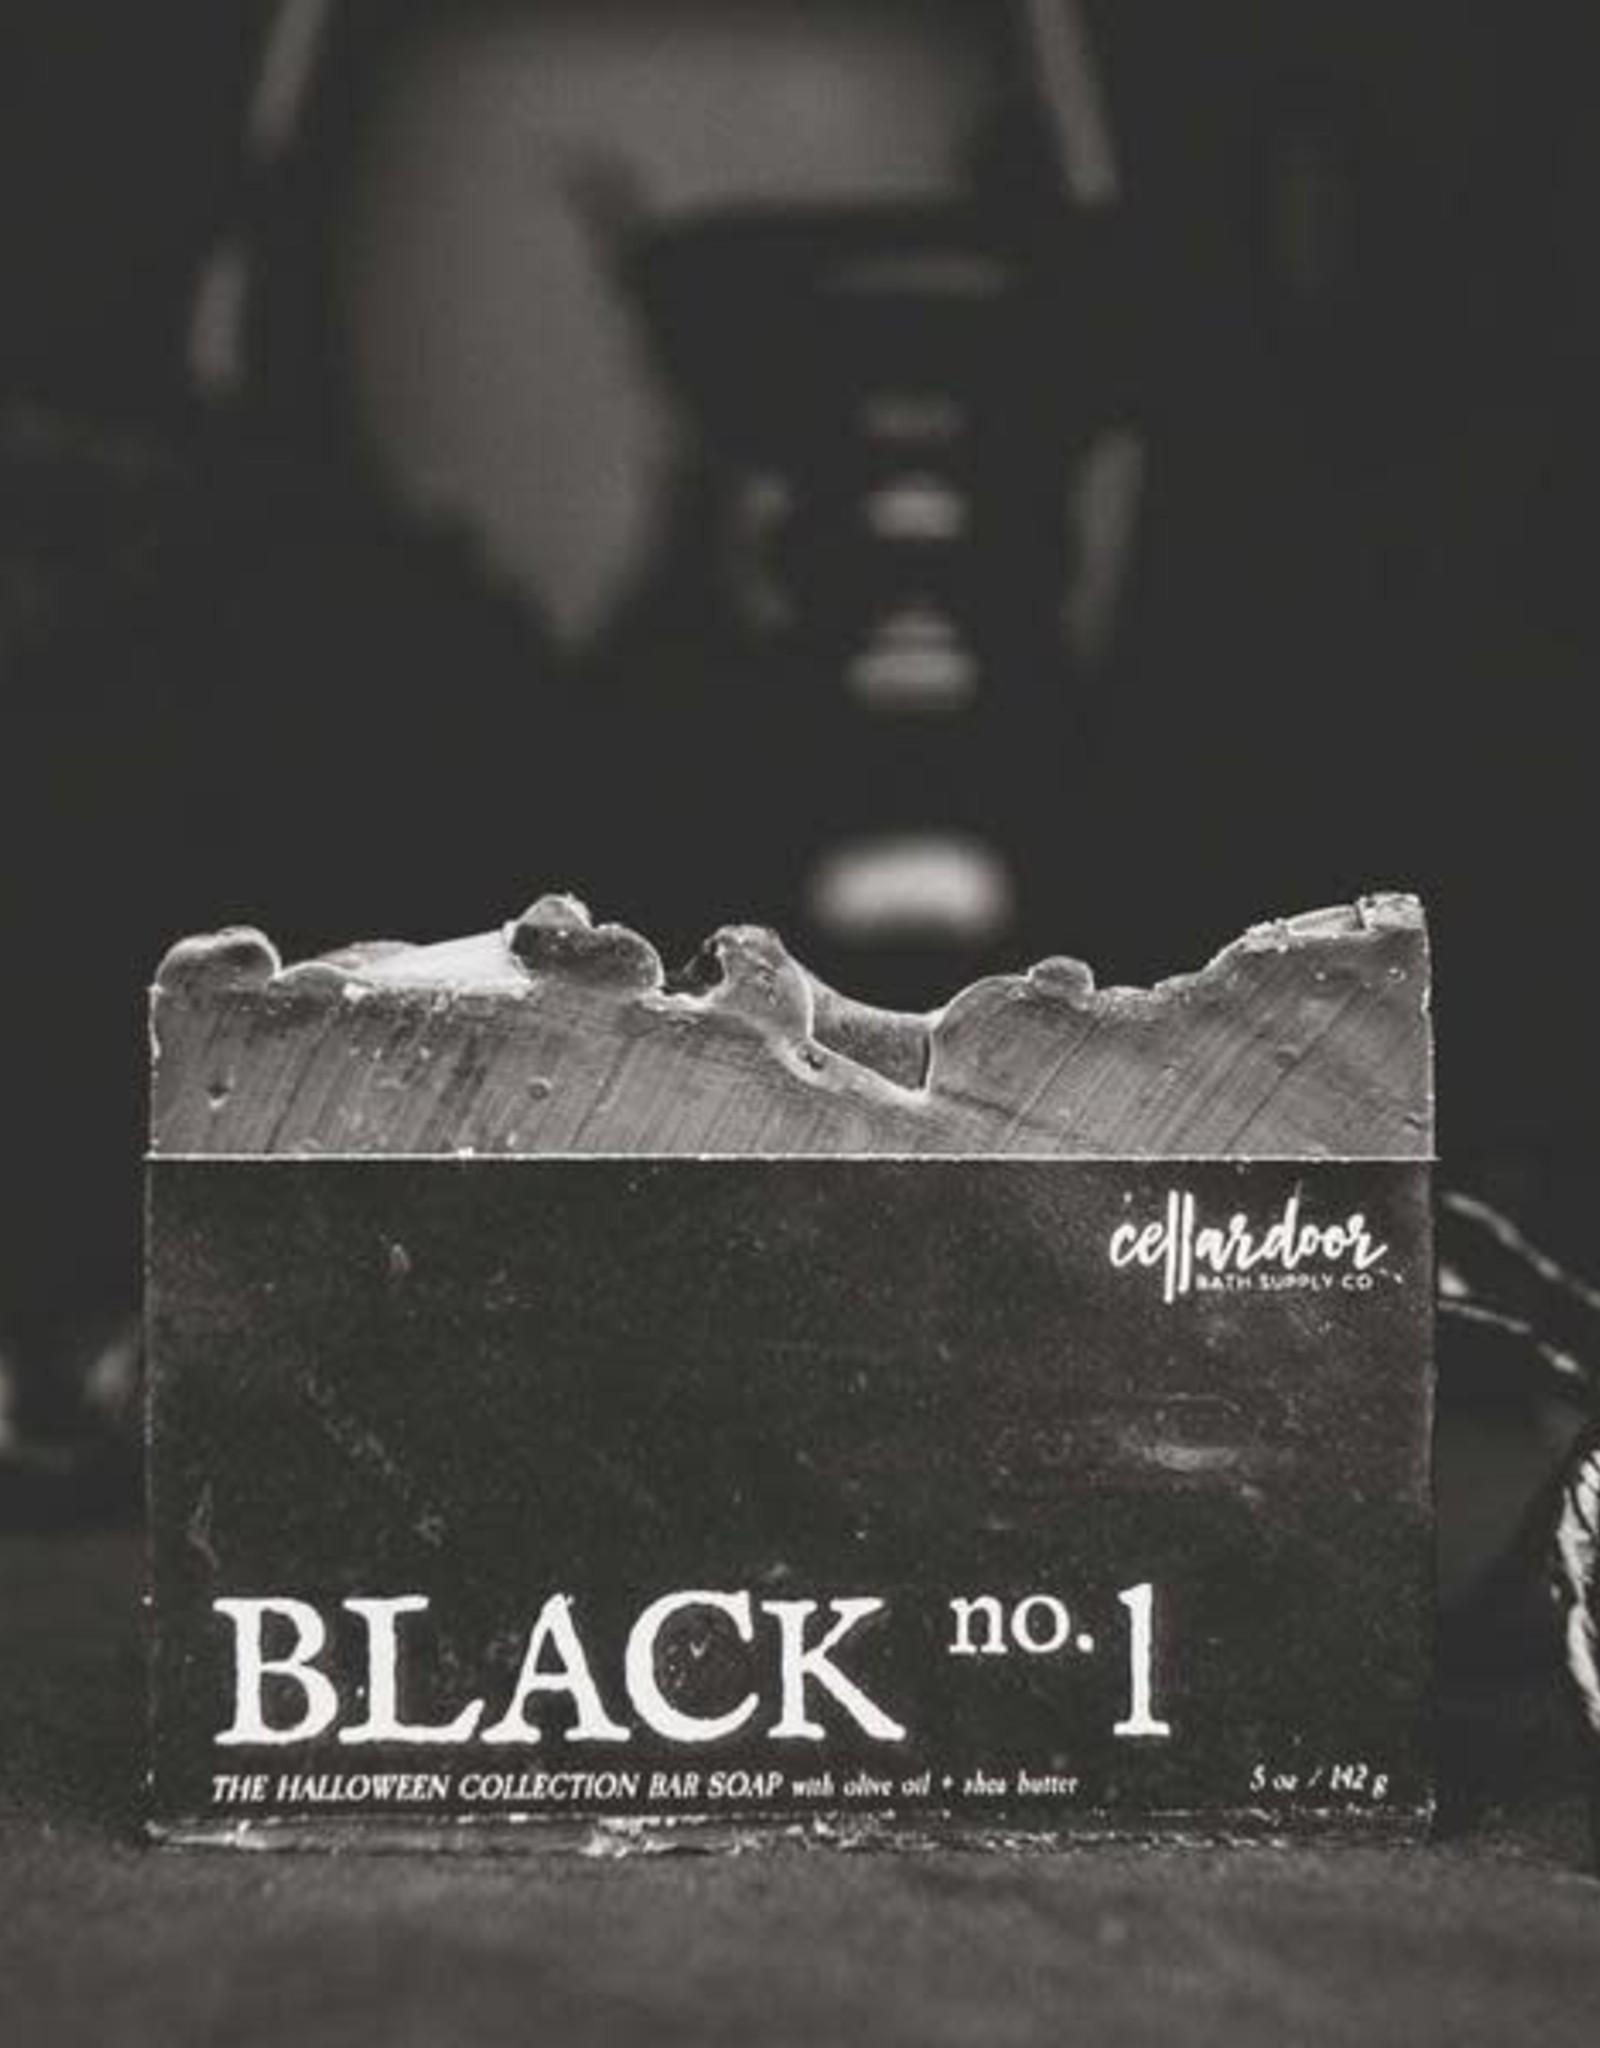 CellarDoor CellarDoor Bath Supply Co.   Black No. 1 Bar Soap